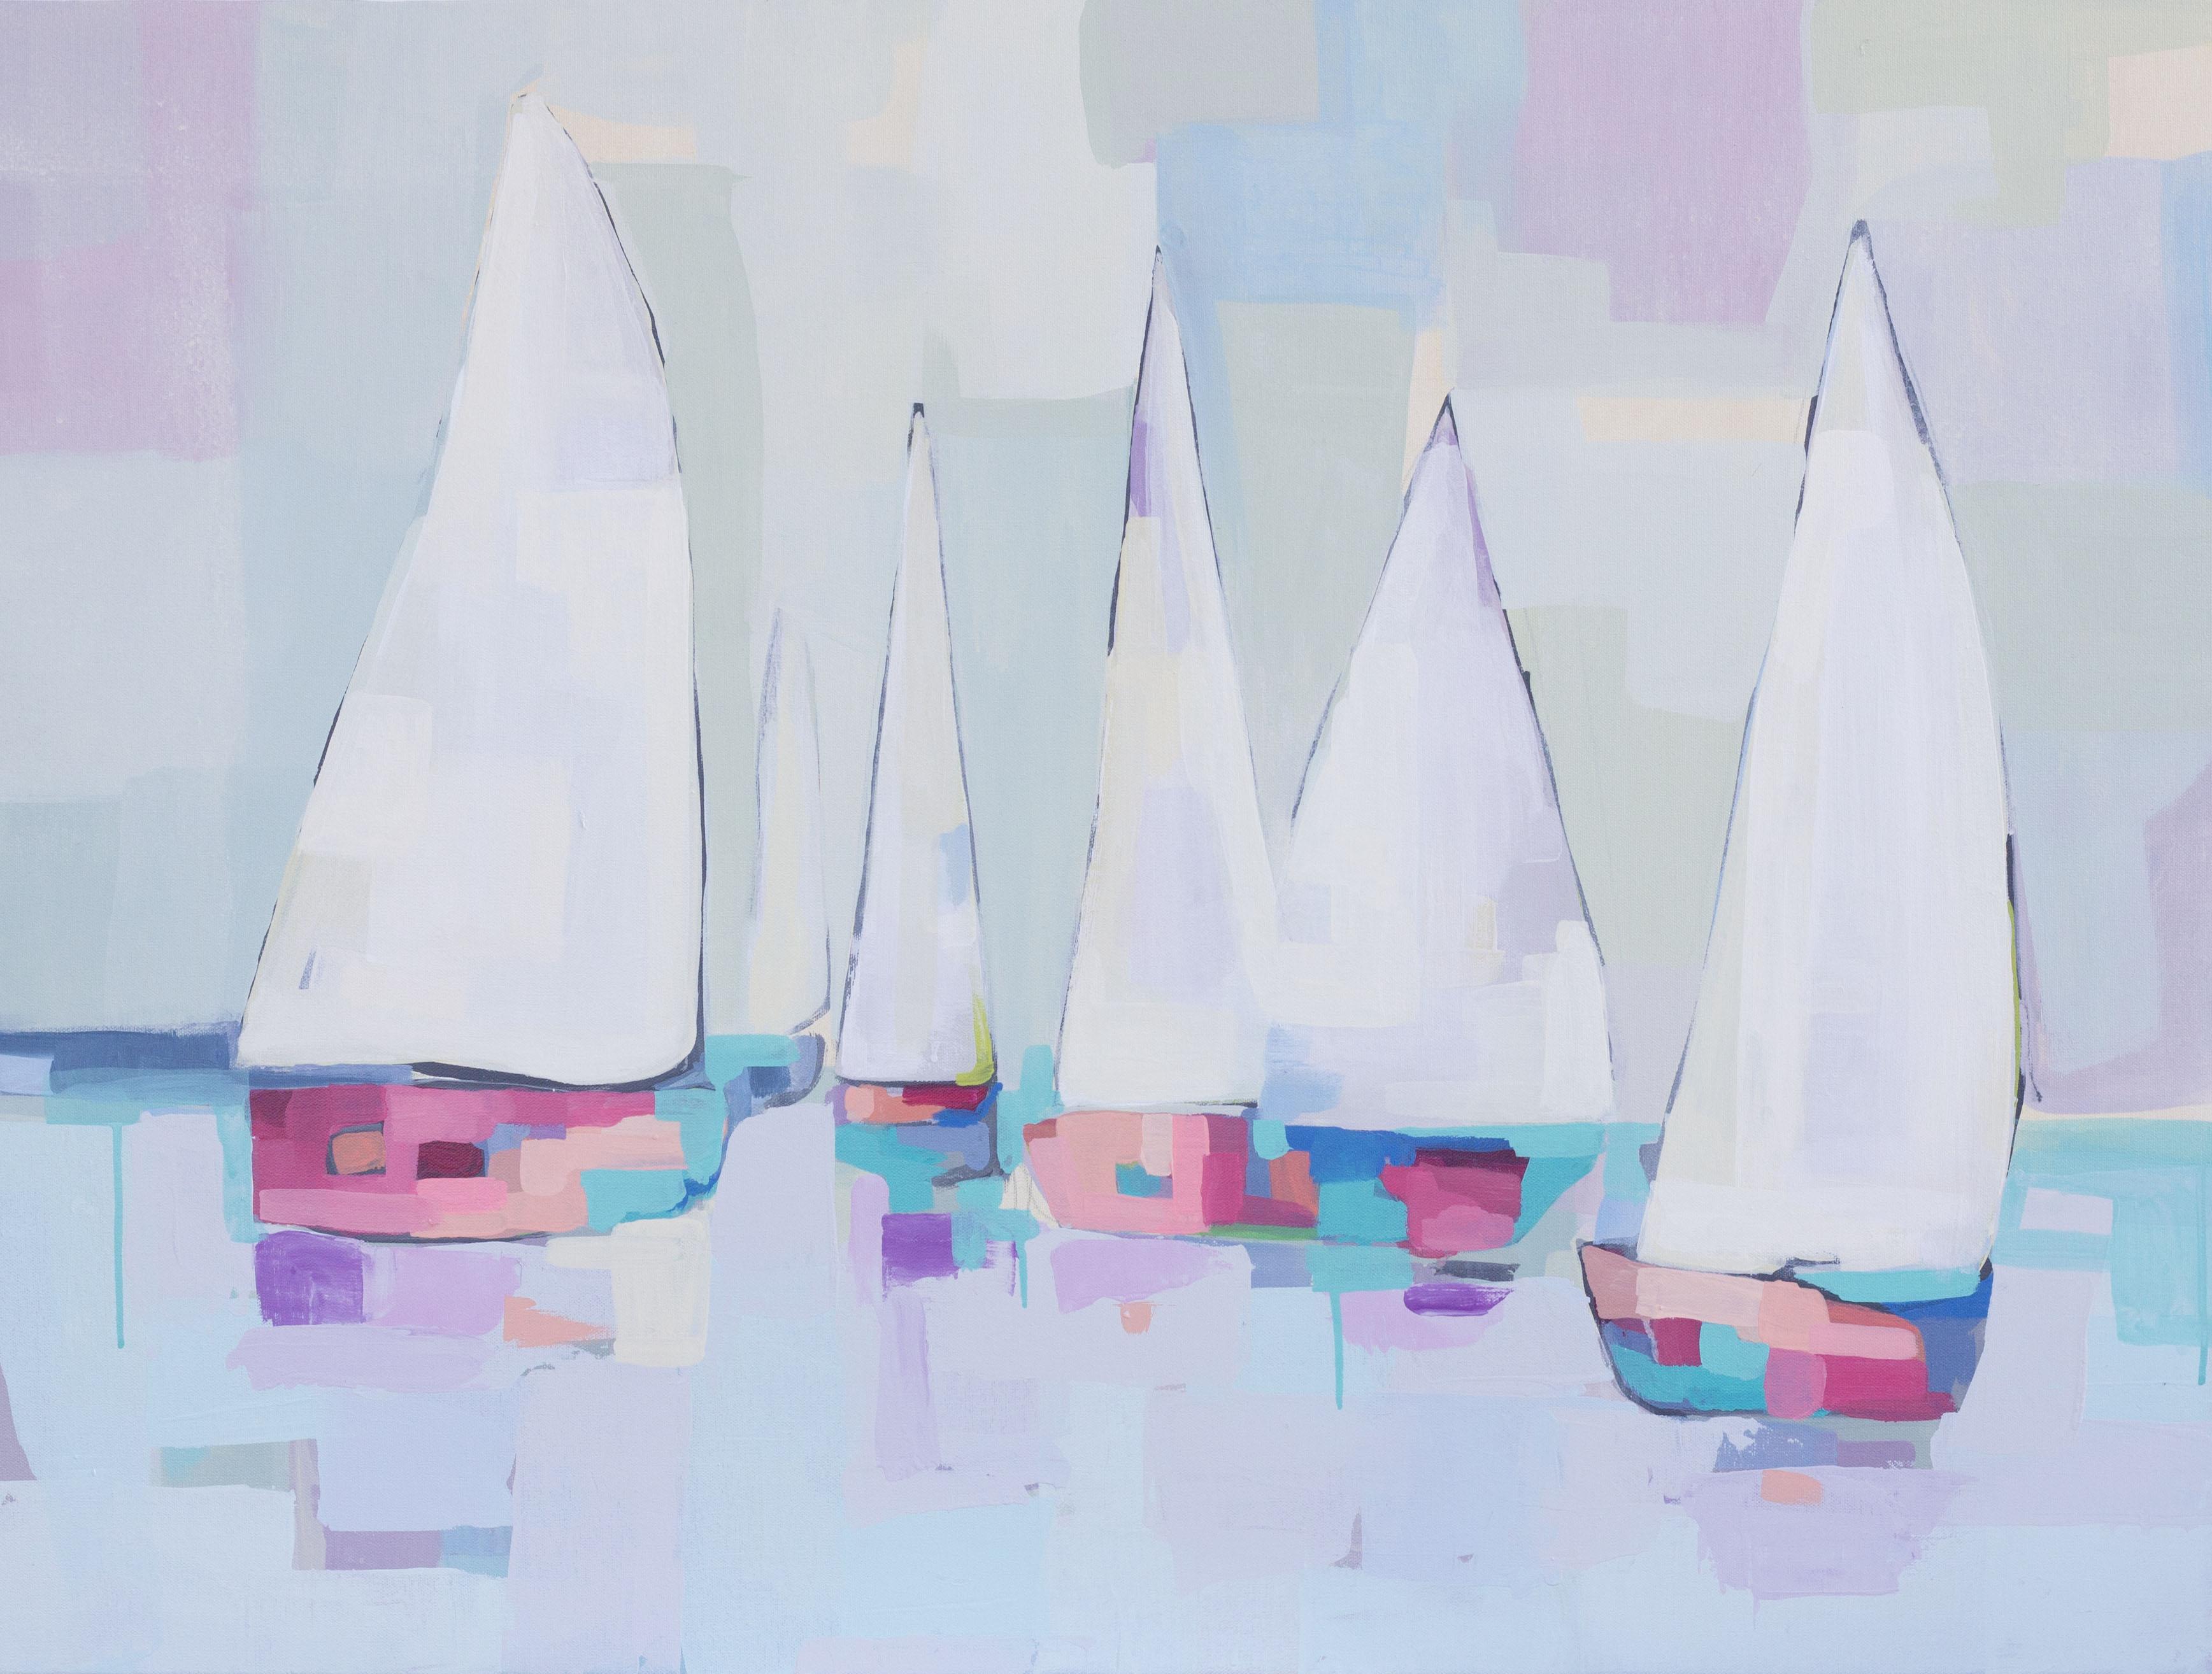 Sailing on Sunday